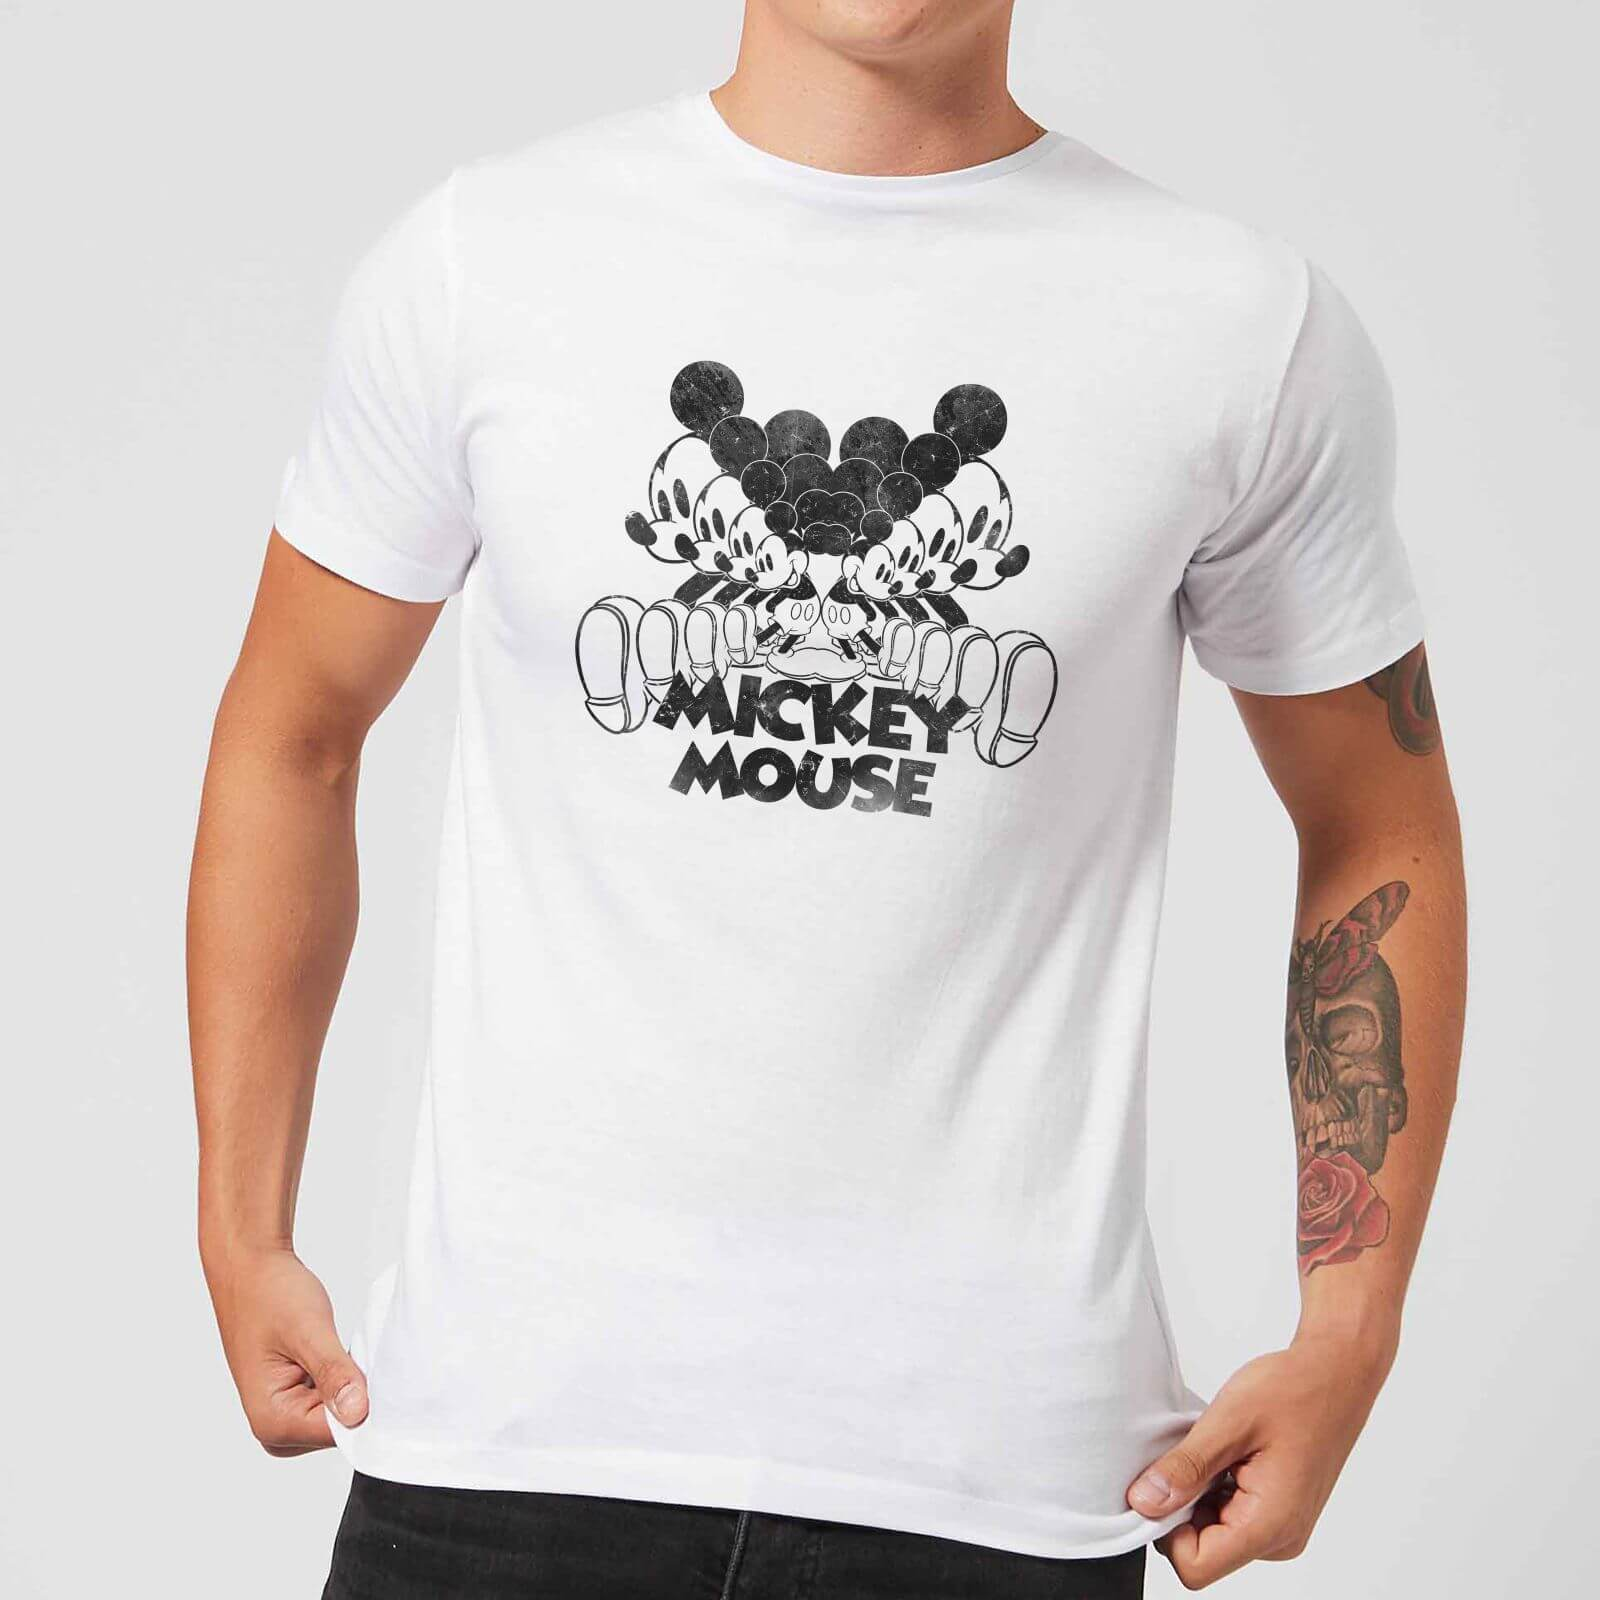 Disney Disney Mickey Mouse Mirrored T-Shirt - White - 4XL - White